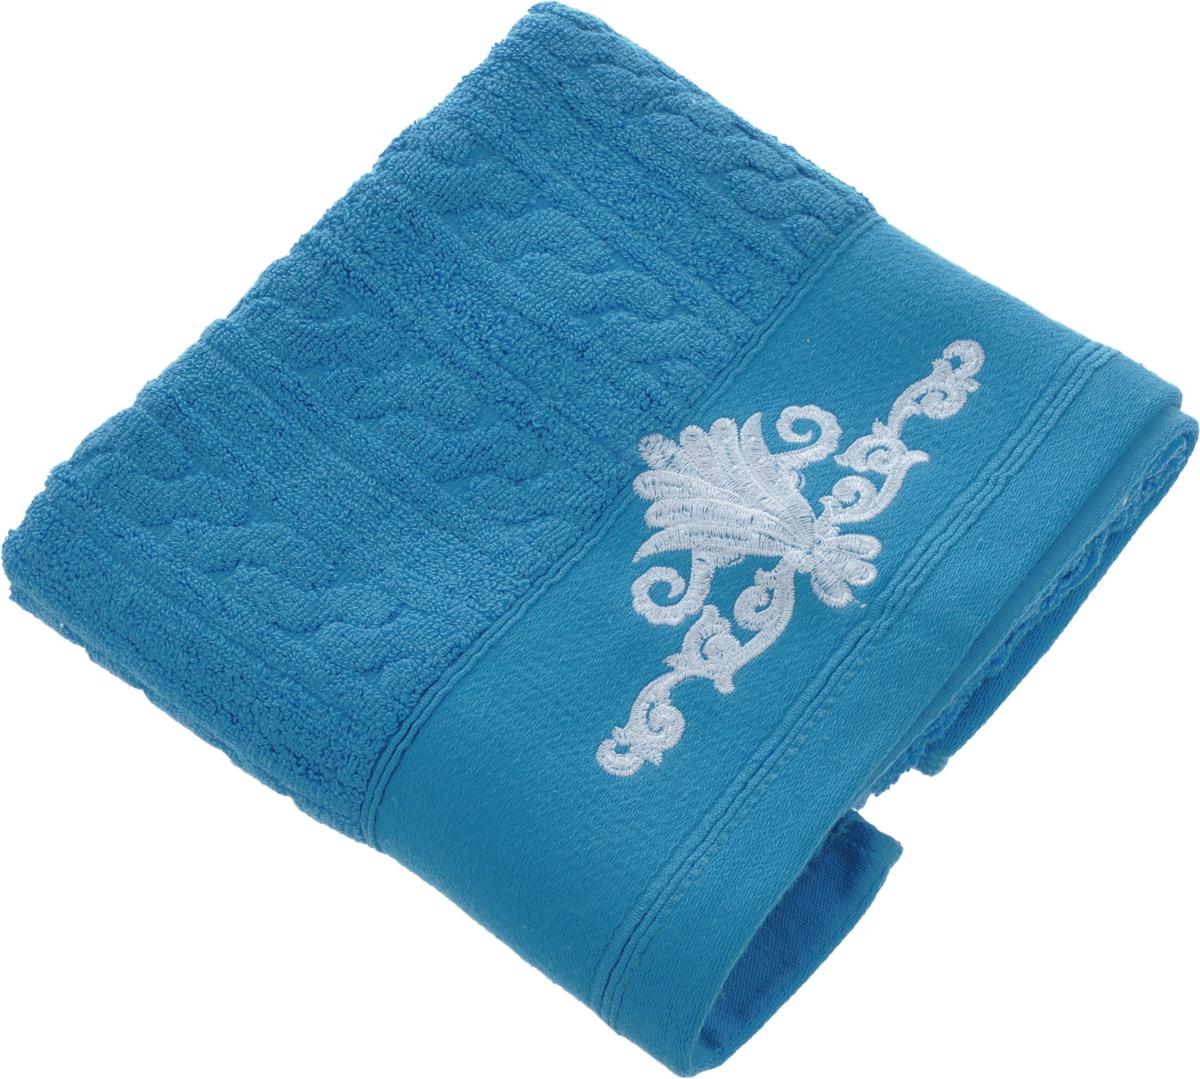 Полотенце Soavita Paolo, цвет: светло-синий, 50 х 90 смPANTERA SPX-2RSМахровое полотенце Soavita Paolo выполнено из 100% хлопка. Изделие отлично впитывает влагу, быстро сохнет, сохраняет яркость цвета и не теряет форму даже после многократных стирок. Полотенце очень практично и неприхотливо в уходе. Оно создаст прекрасное настроение и украсит интерьер в ванной комнате.Рекомендуется стирка при температуре 40°C.